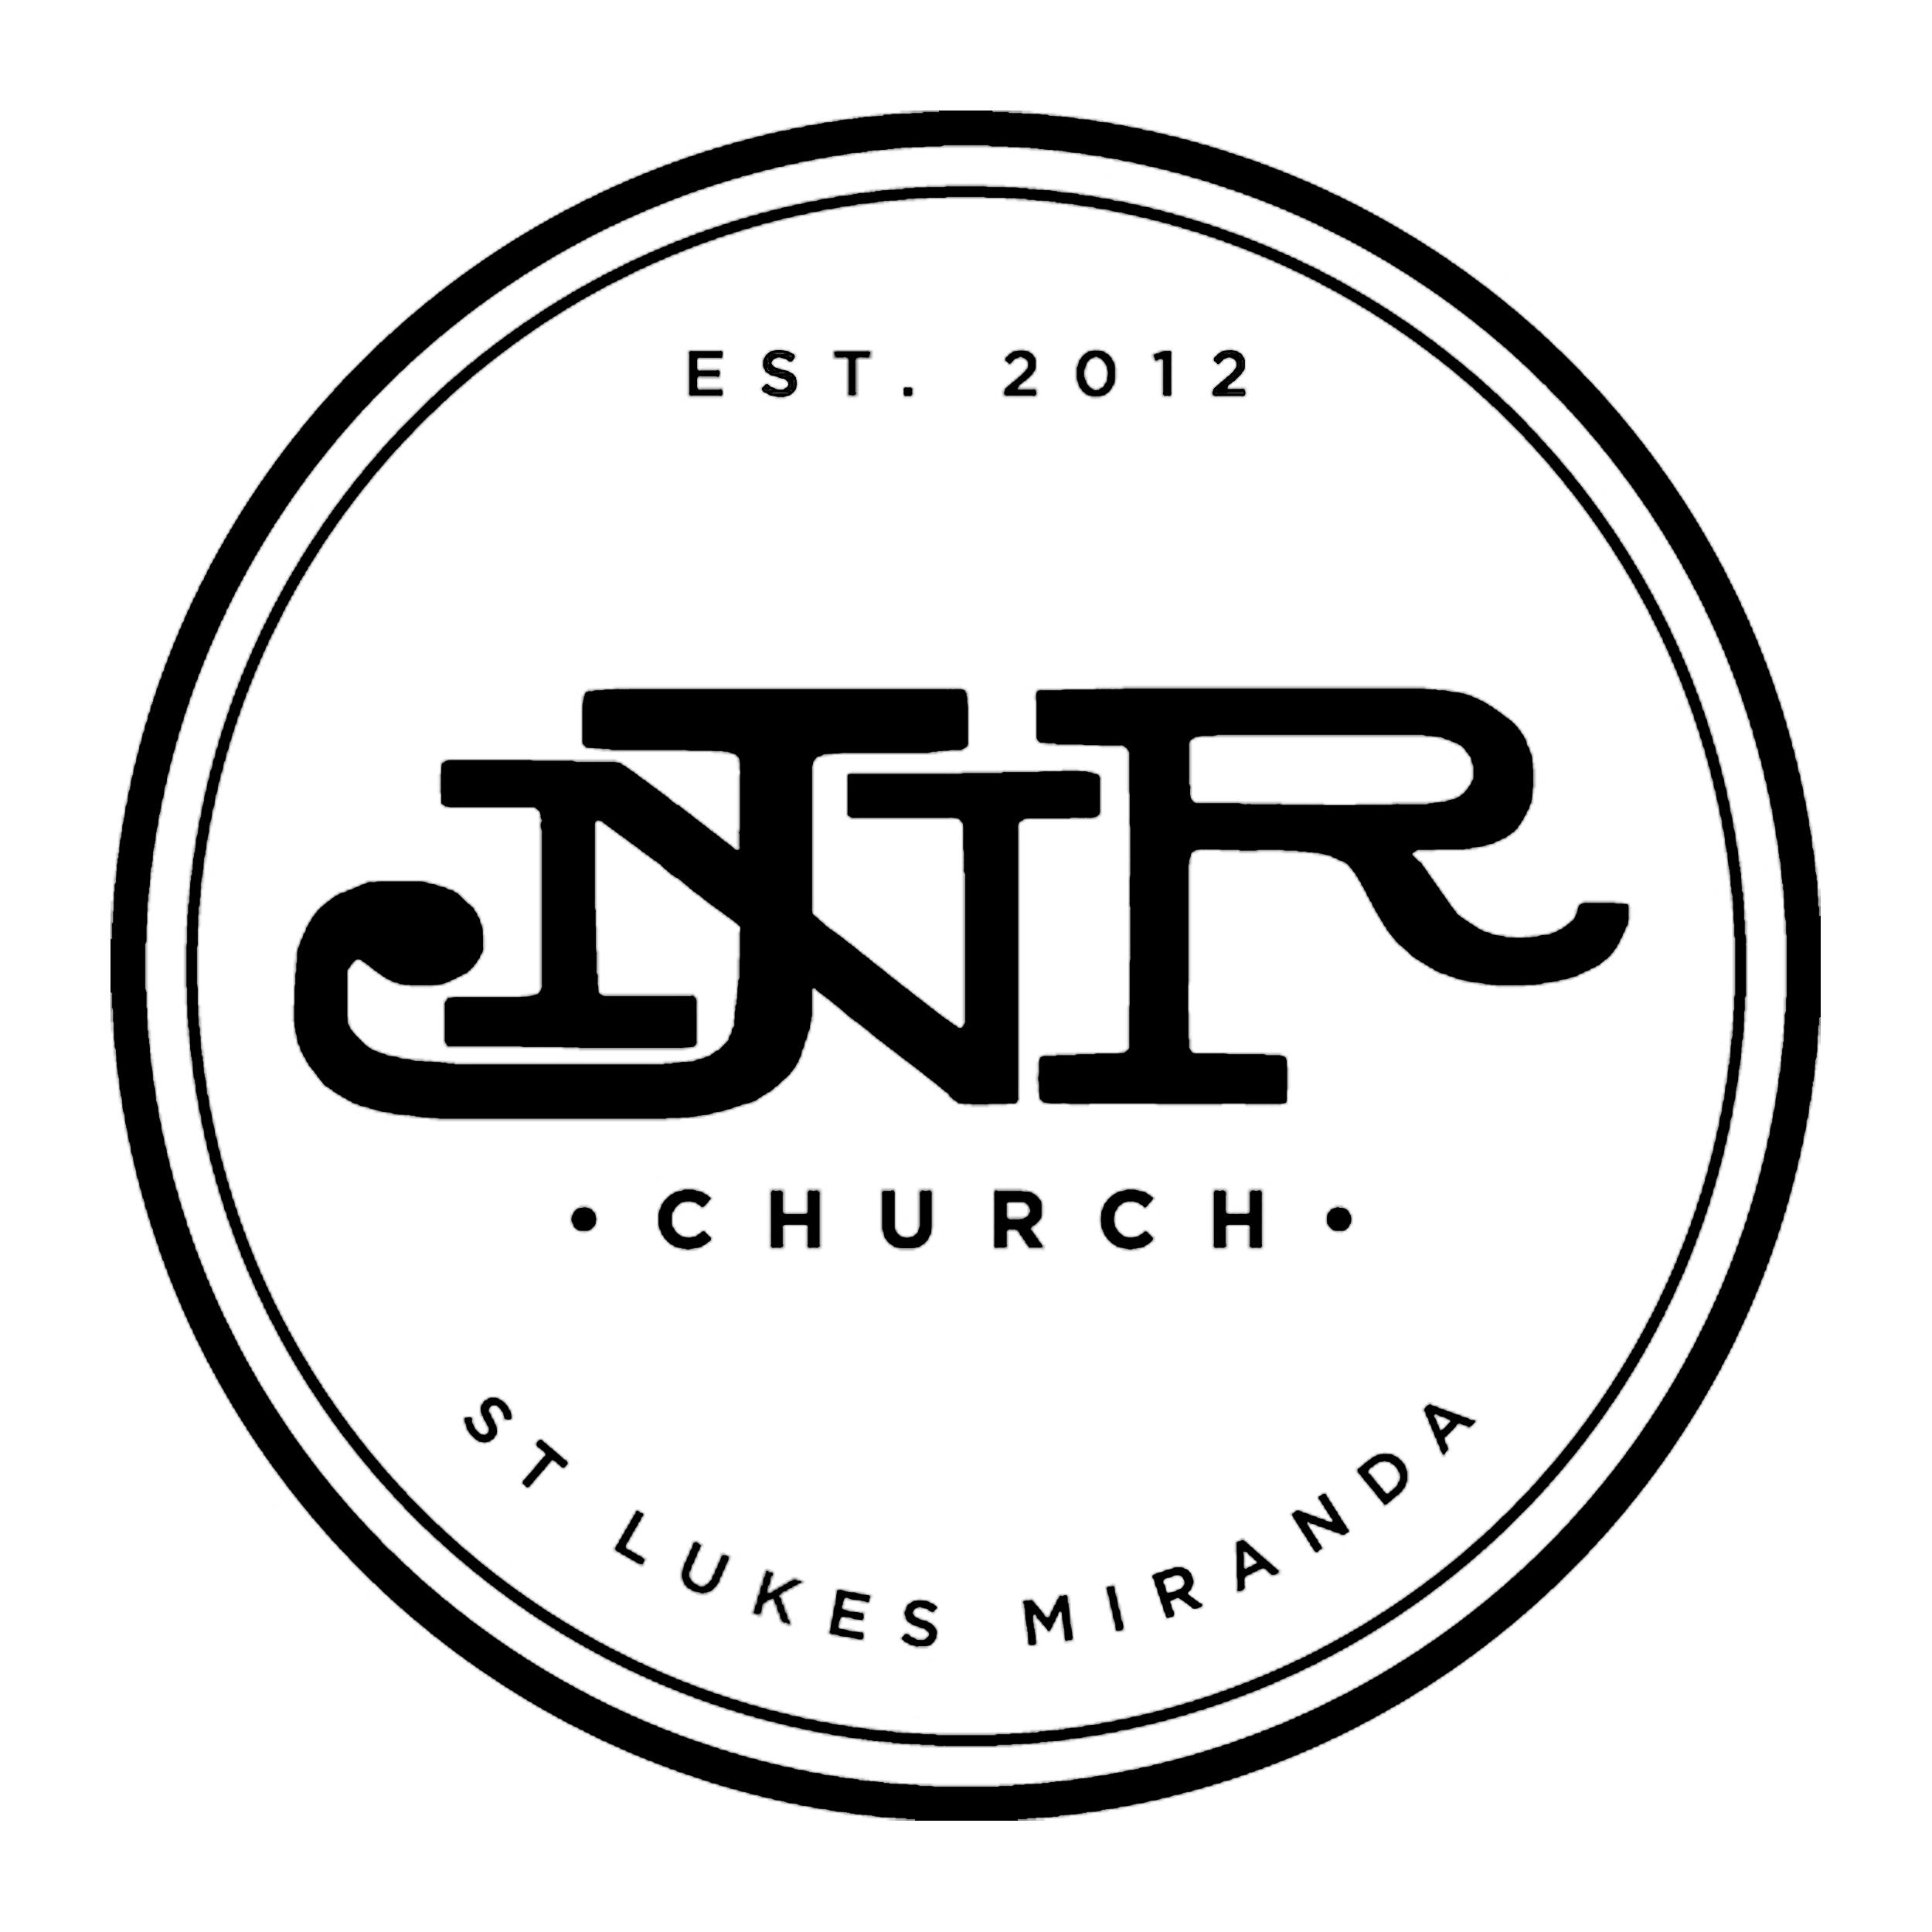 JNR CHURCH